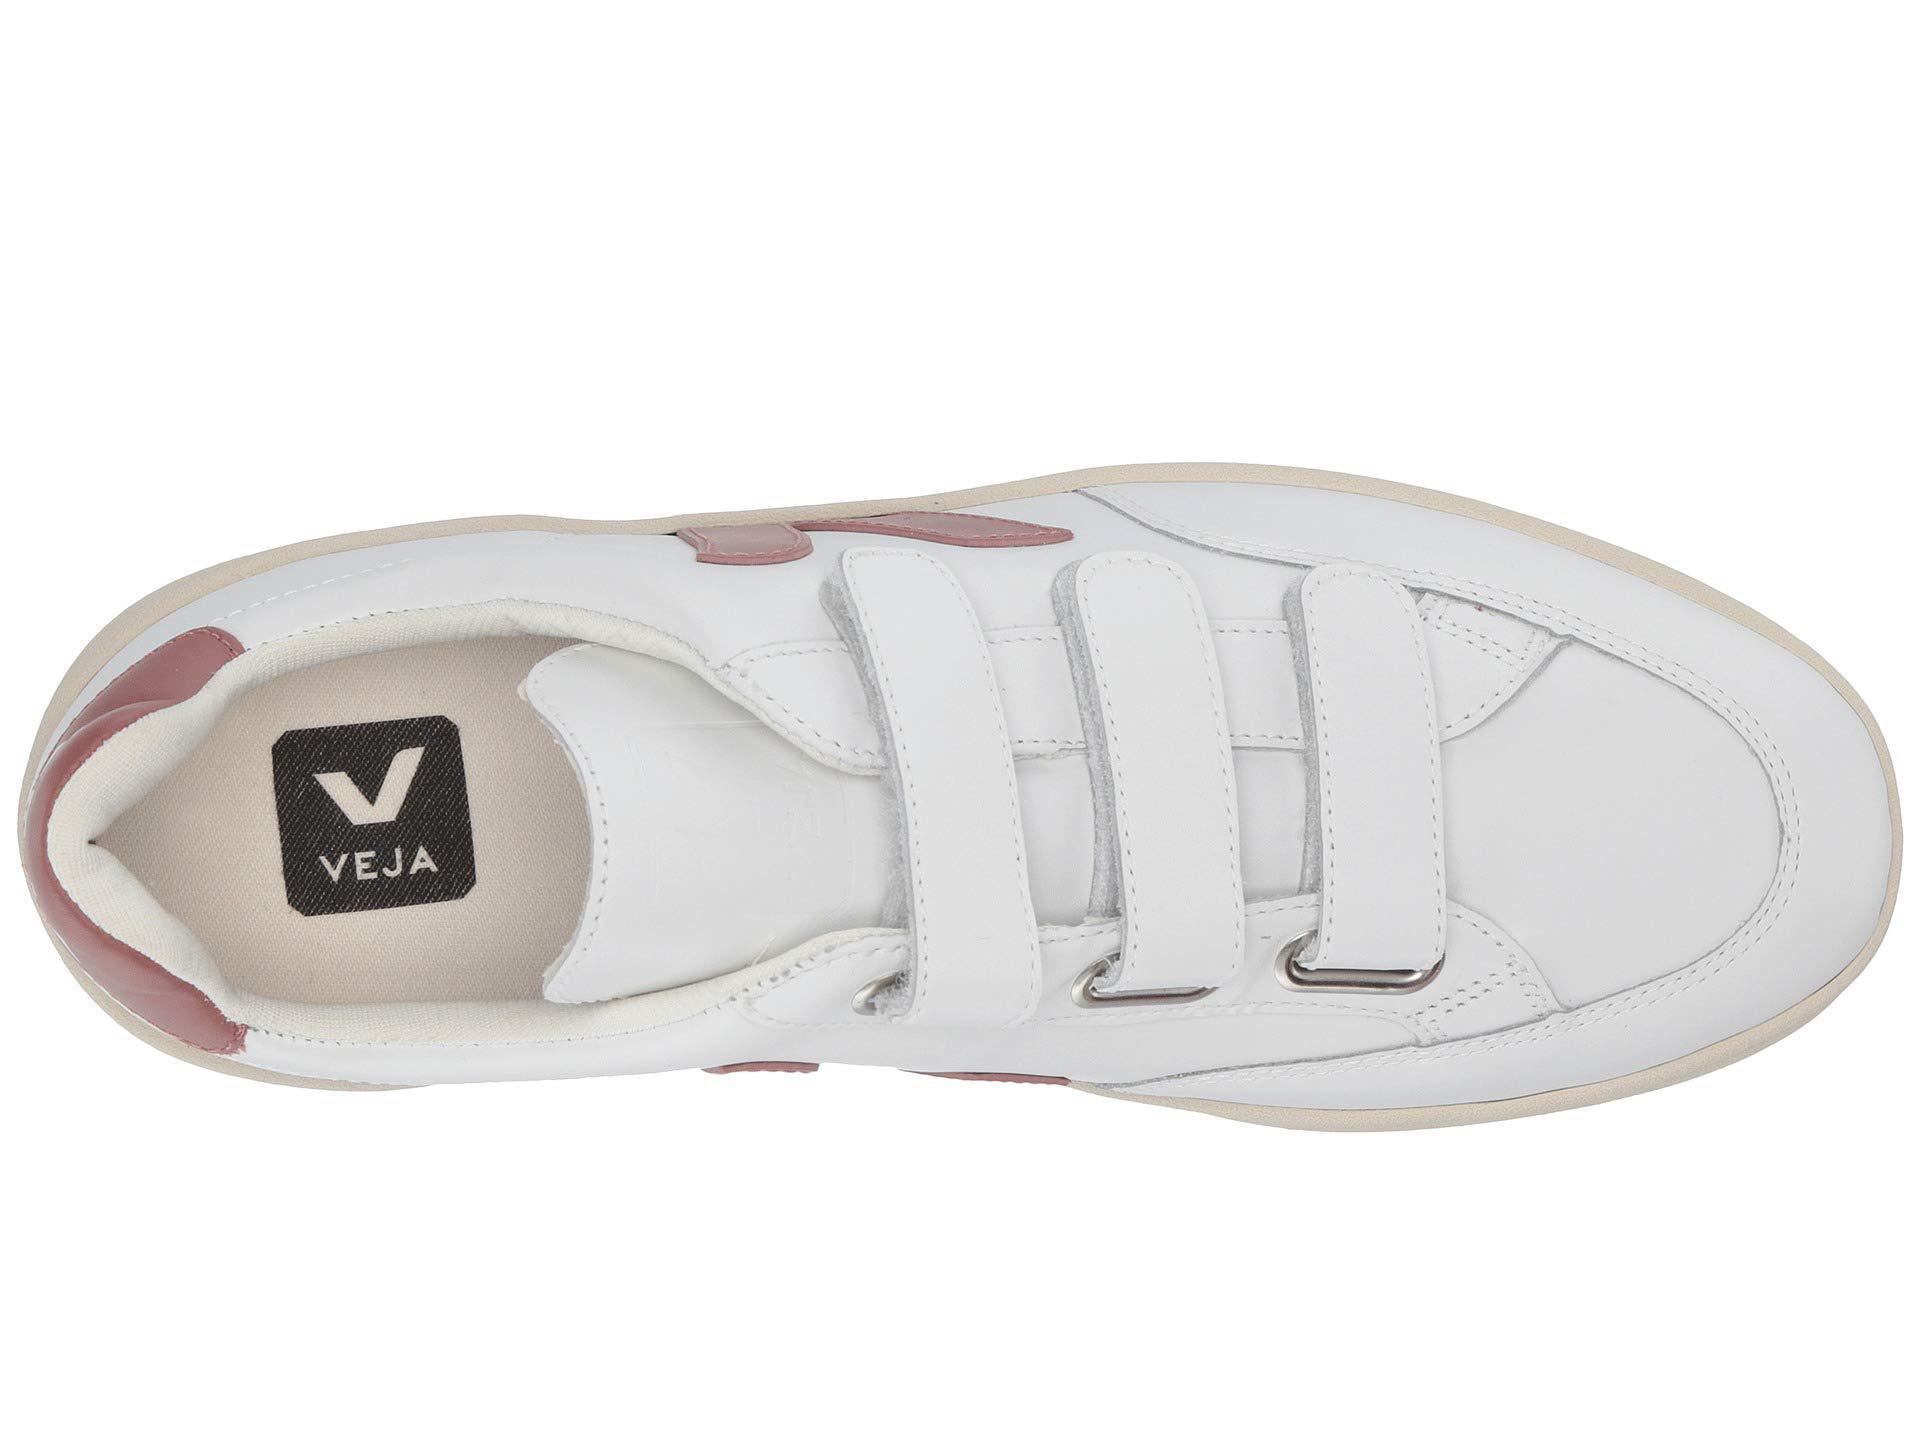 5f5ee0e695b30 veja-Extra-WhiteDried-Petale-Leather -V-12-velcro-dried-petal-Venus-Suede-Womens-Shoes.jpeg